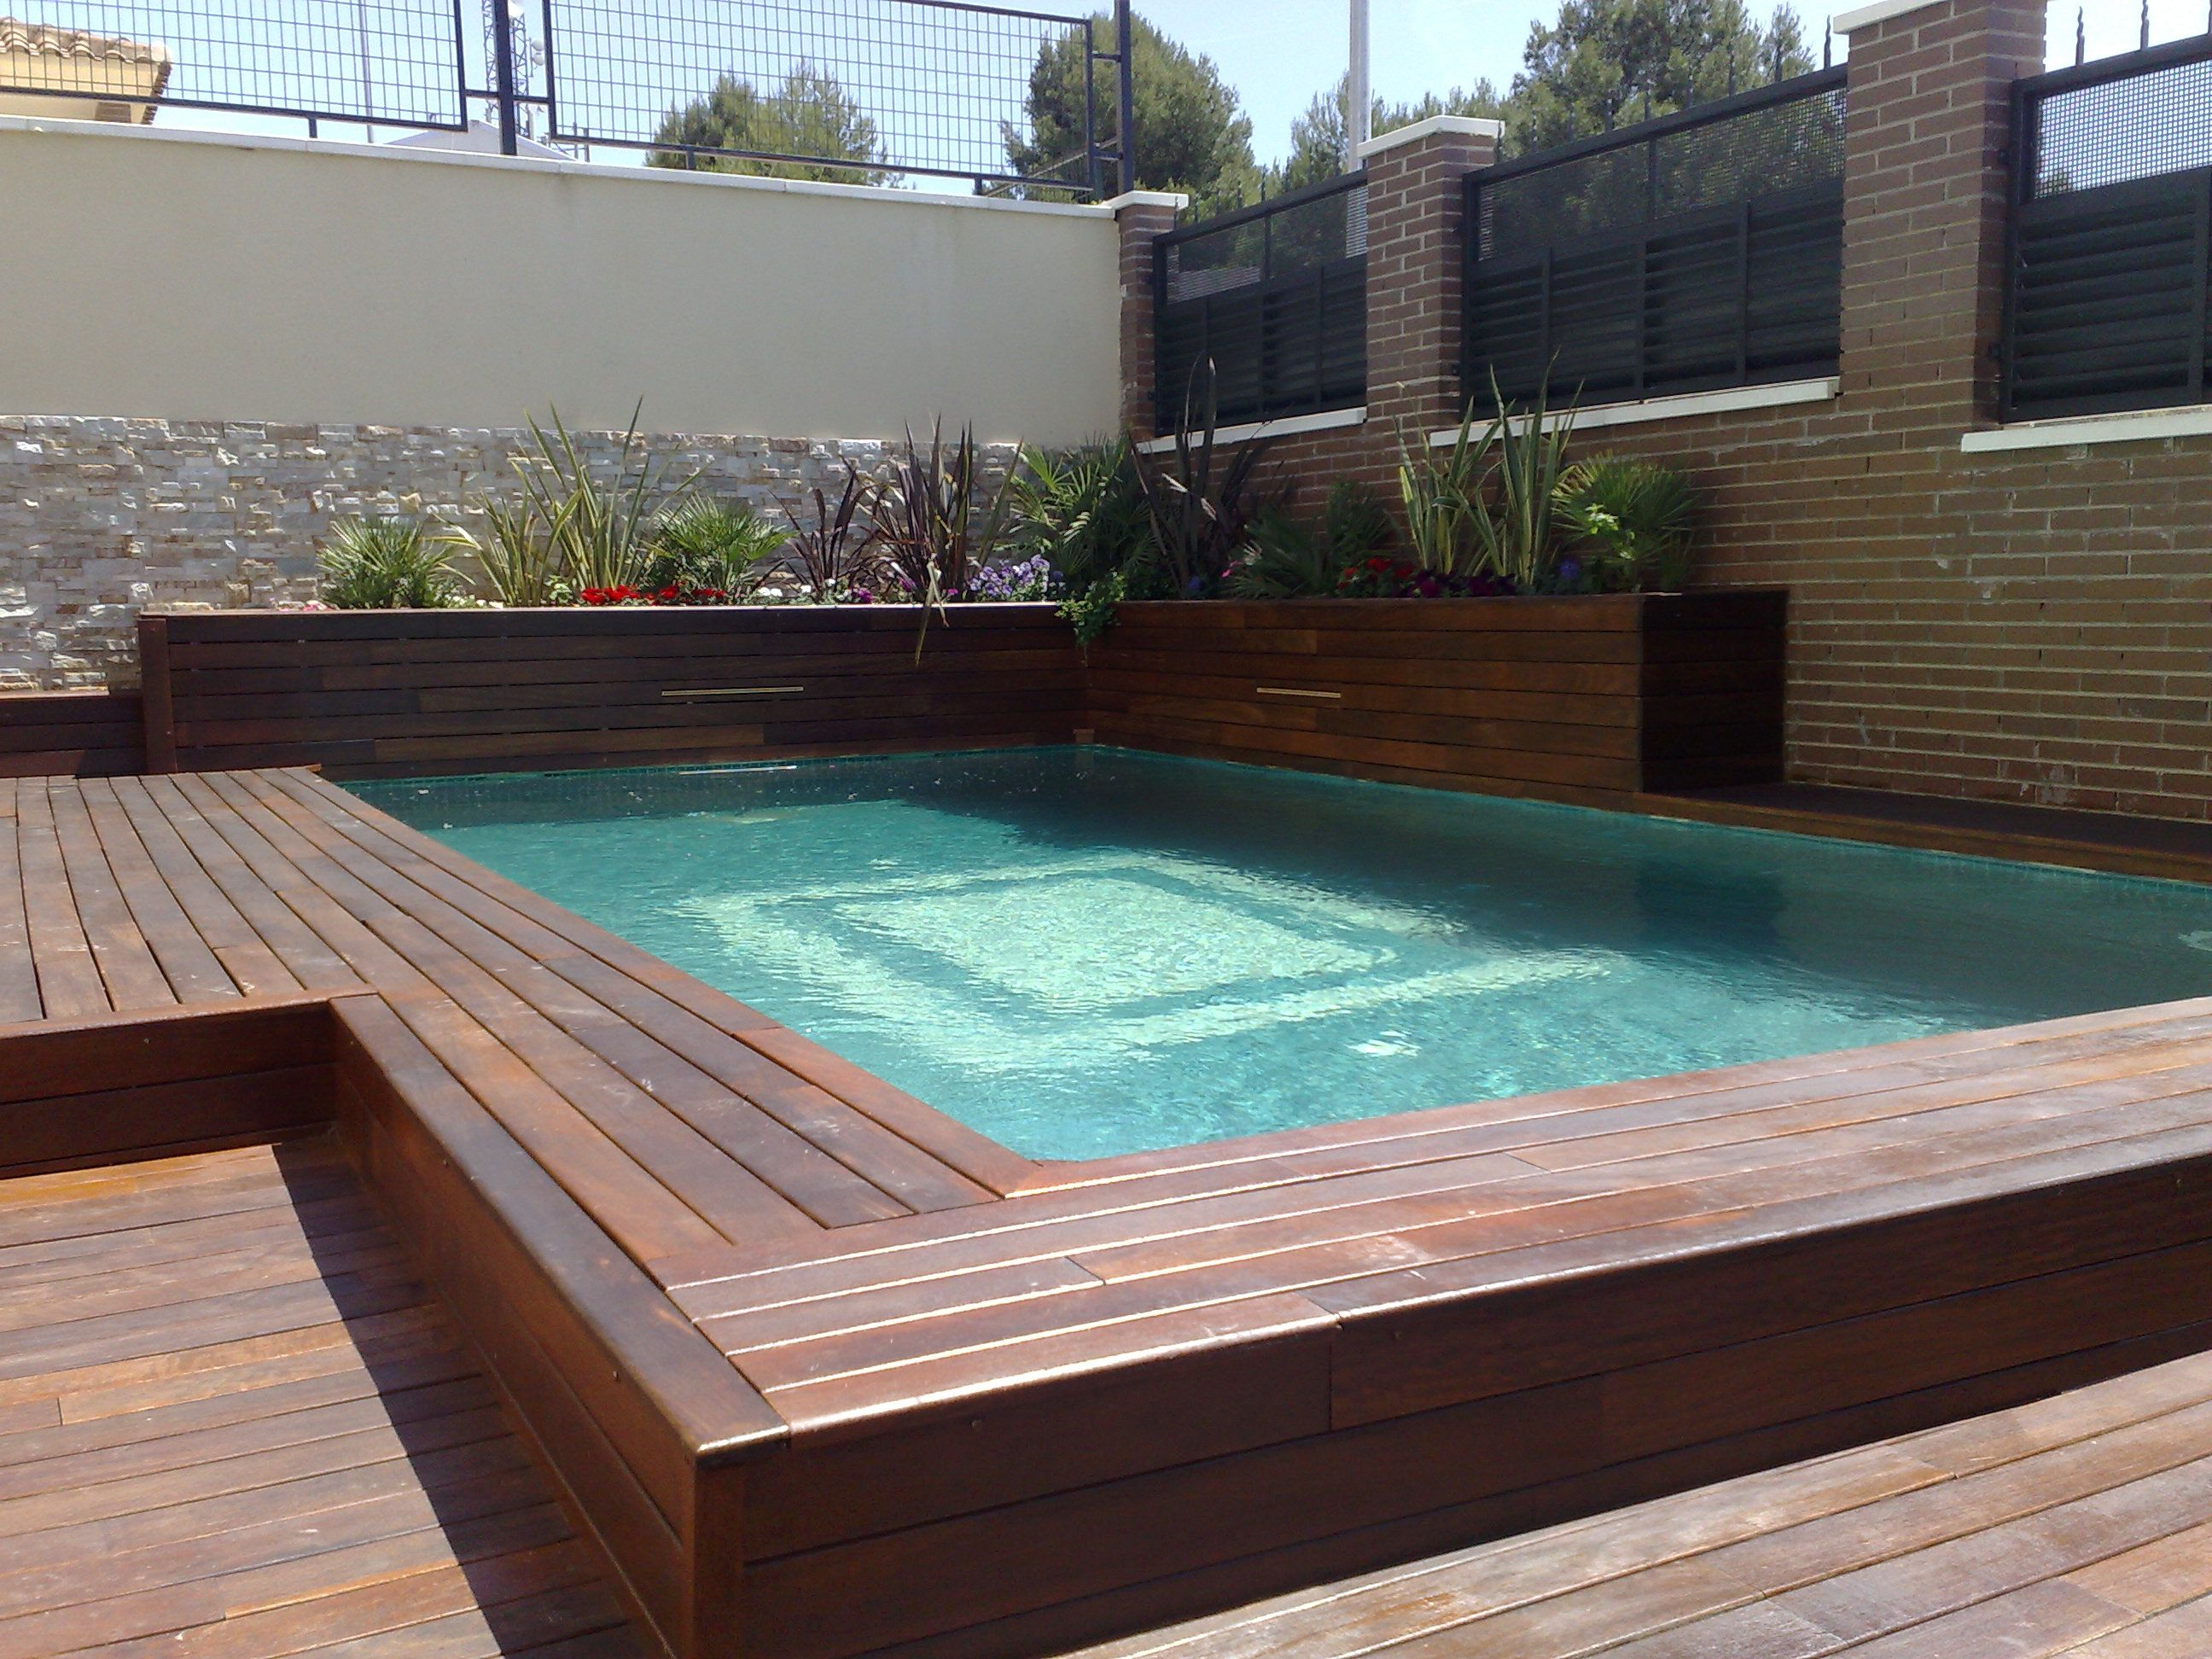 Piscina con tarima de madera ip y jardineras con cascadas integradas piscina con jardineras y - Piscinas con cascadas ...